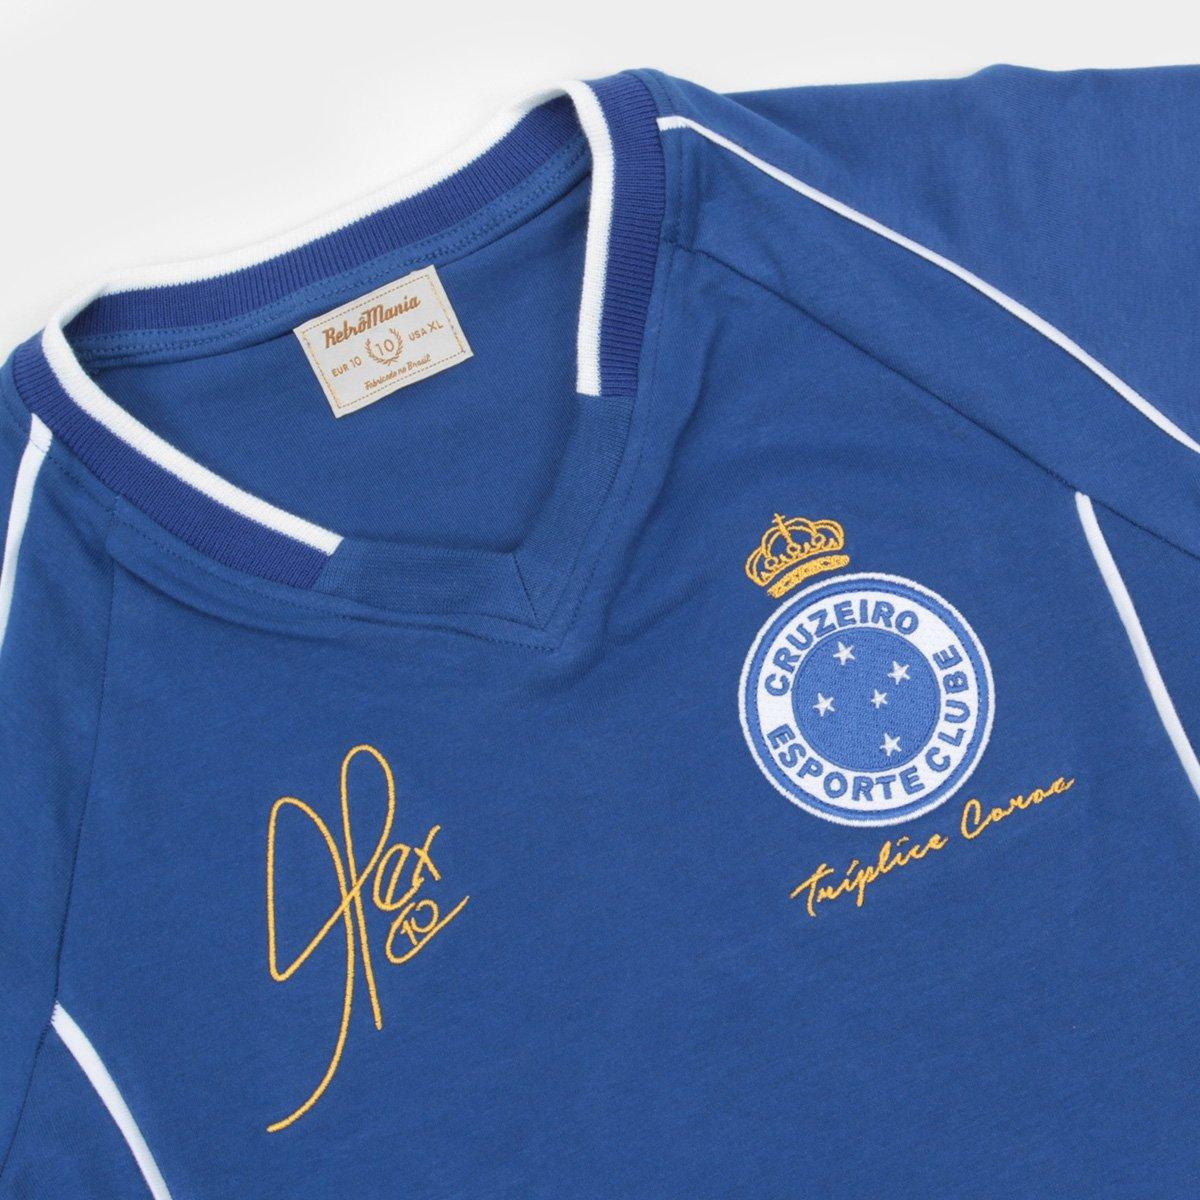 Camiseta Cruzeiro Juvenil Retrô Mania 2003 Alex Triplice Coroa ... 2a3c18396de61